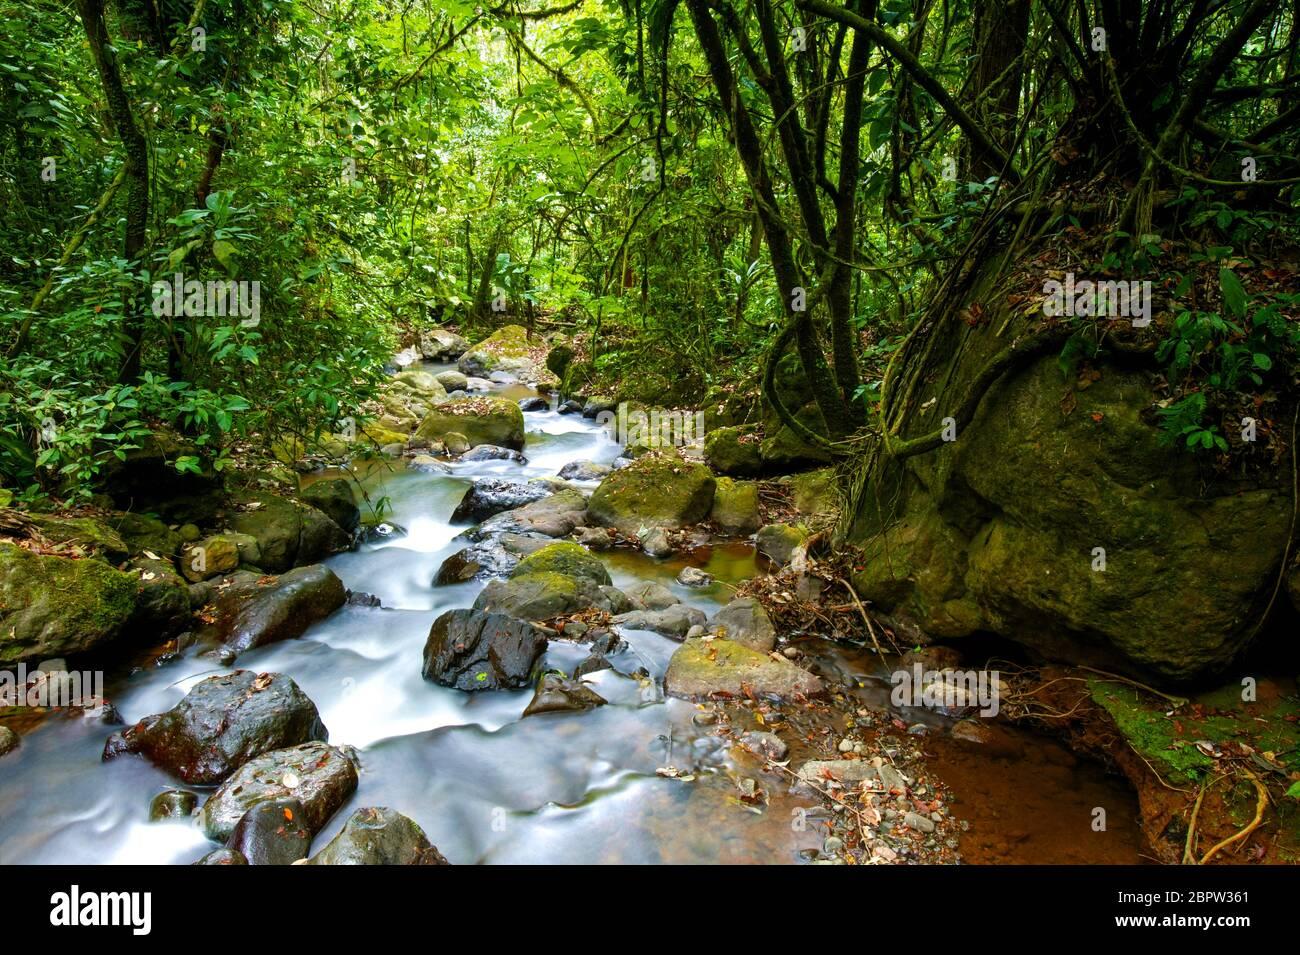 Rivière dans la forêt tropicale luxuriante près de la station de Cana, parc national de Darien, province de Darien, République du Panama Banque D'Images